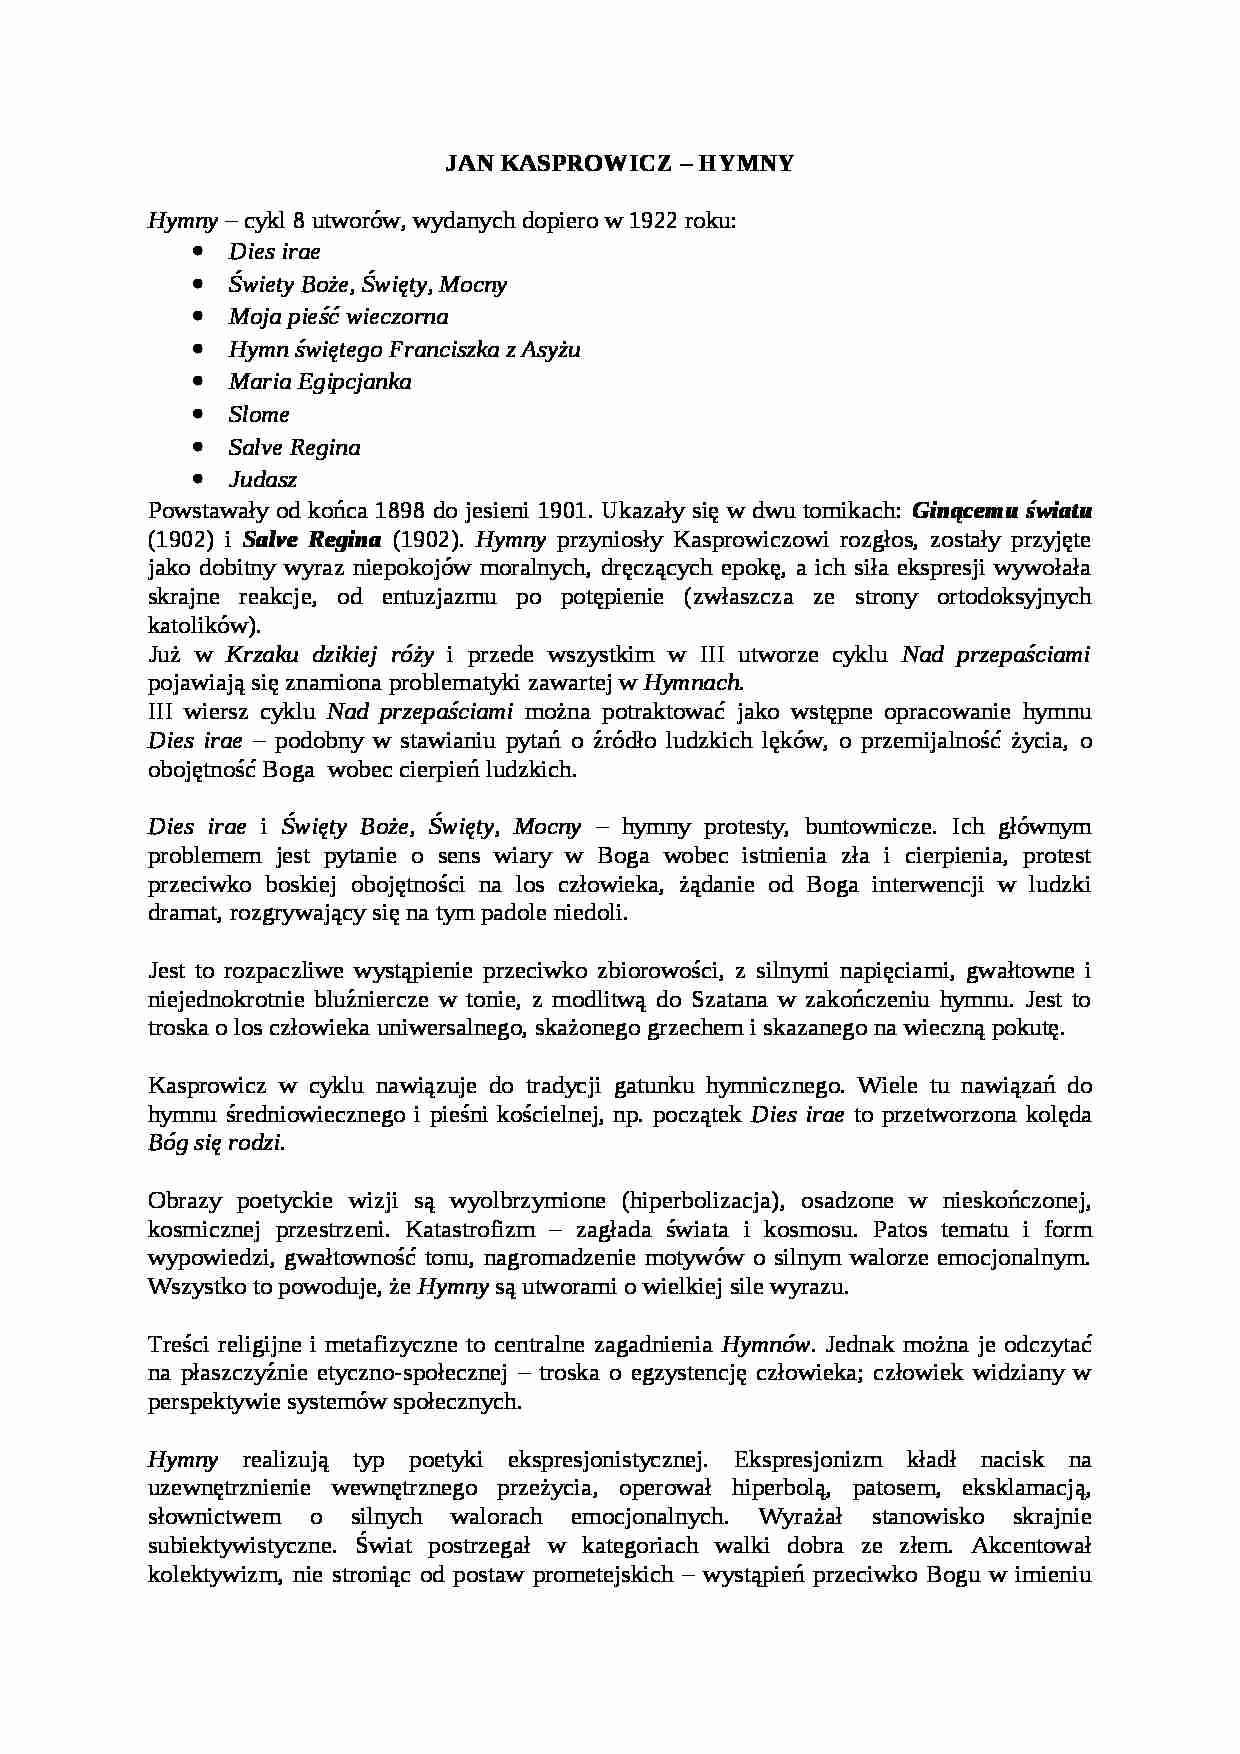 HYMNY KASPROWICZA PDF